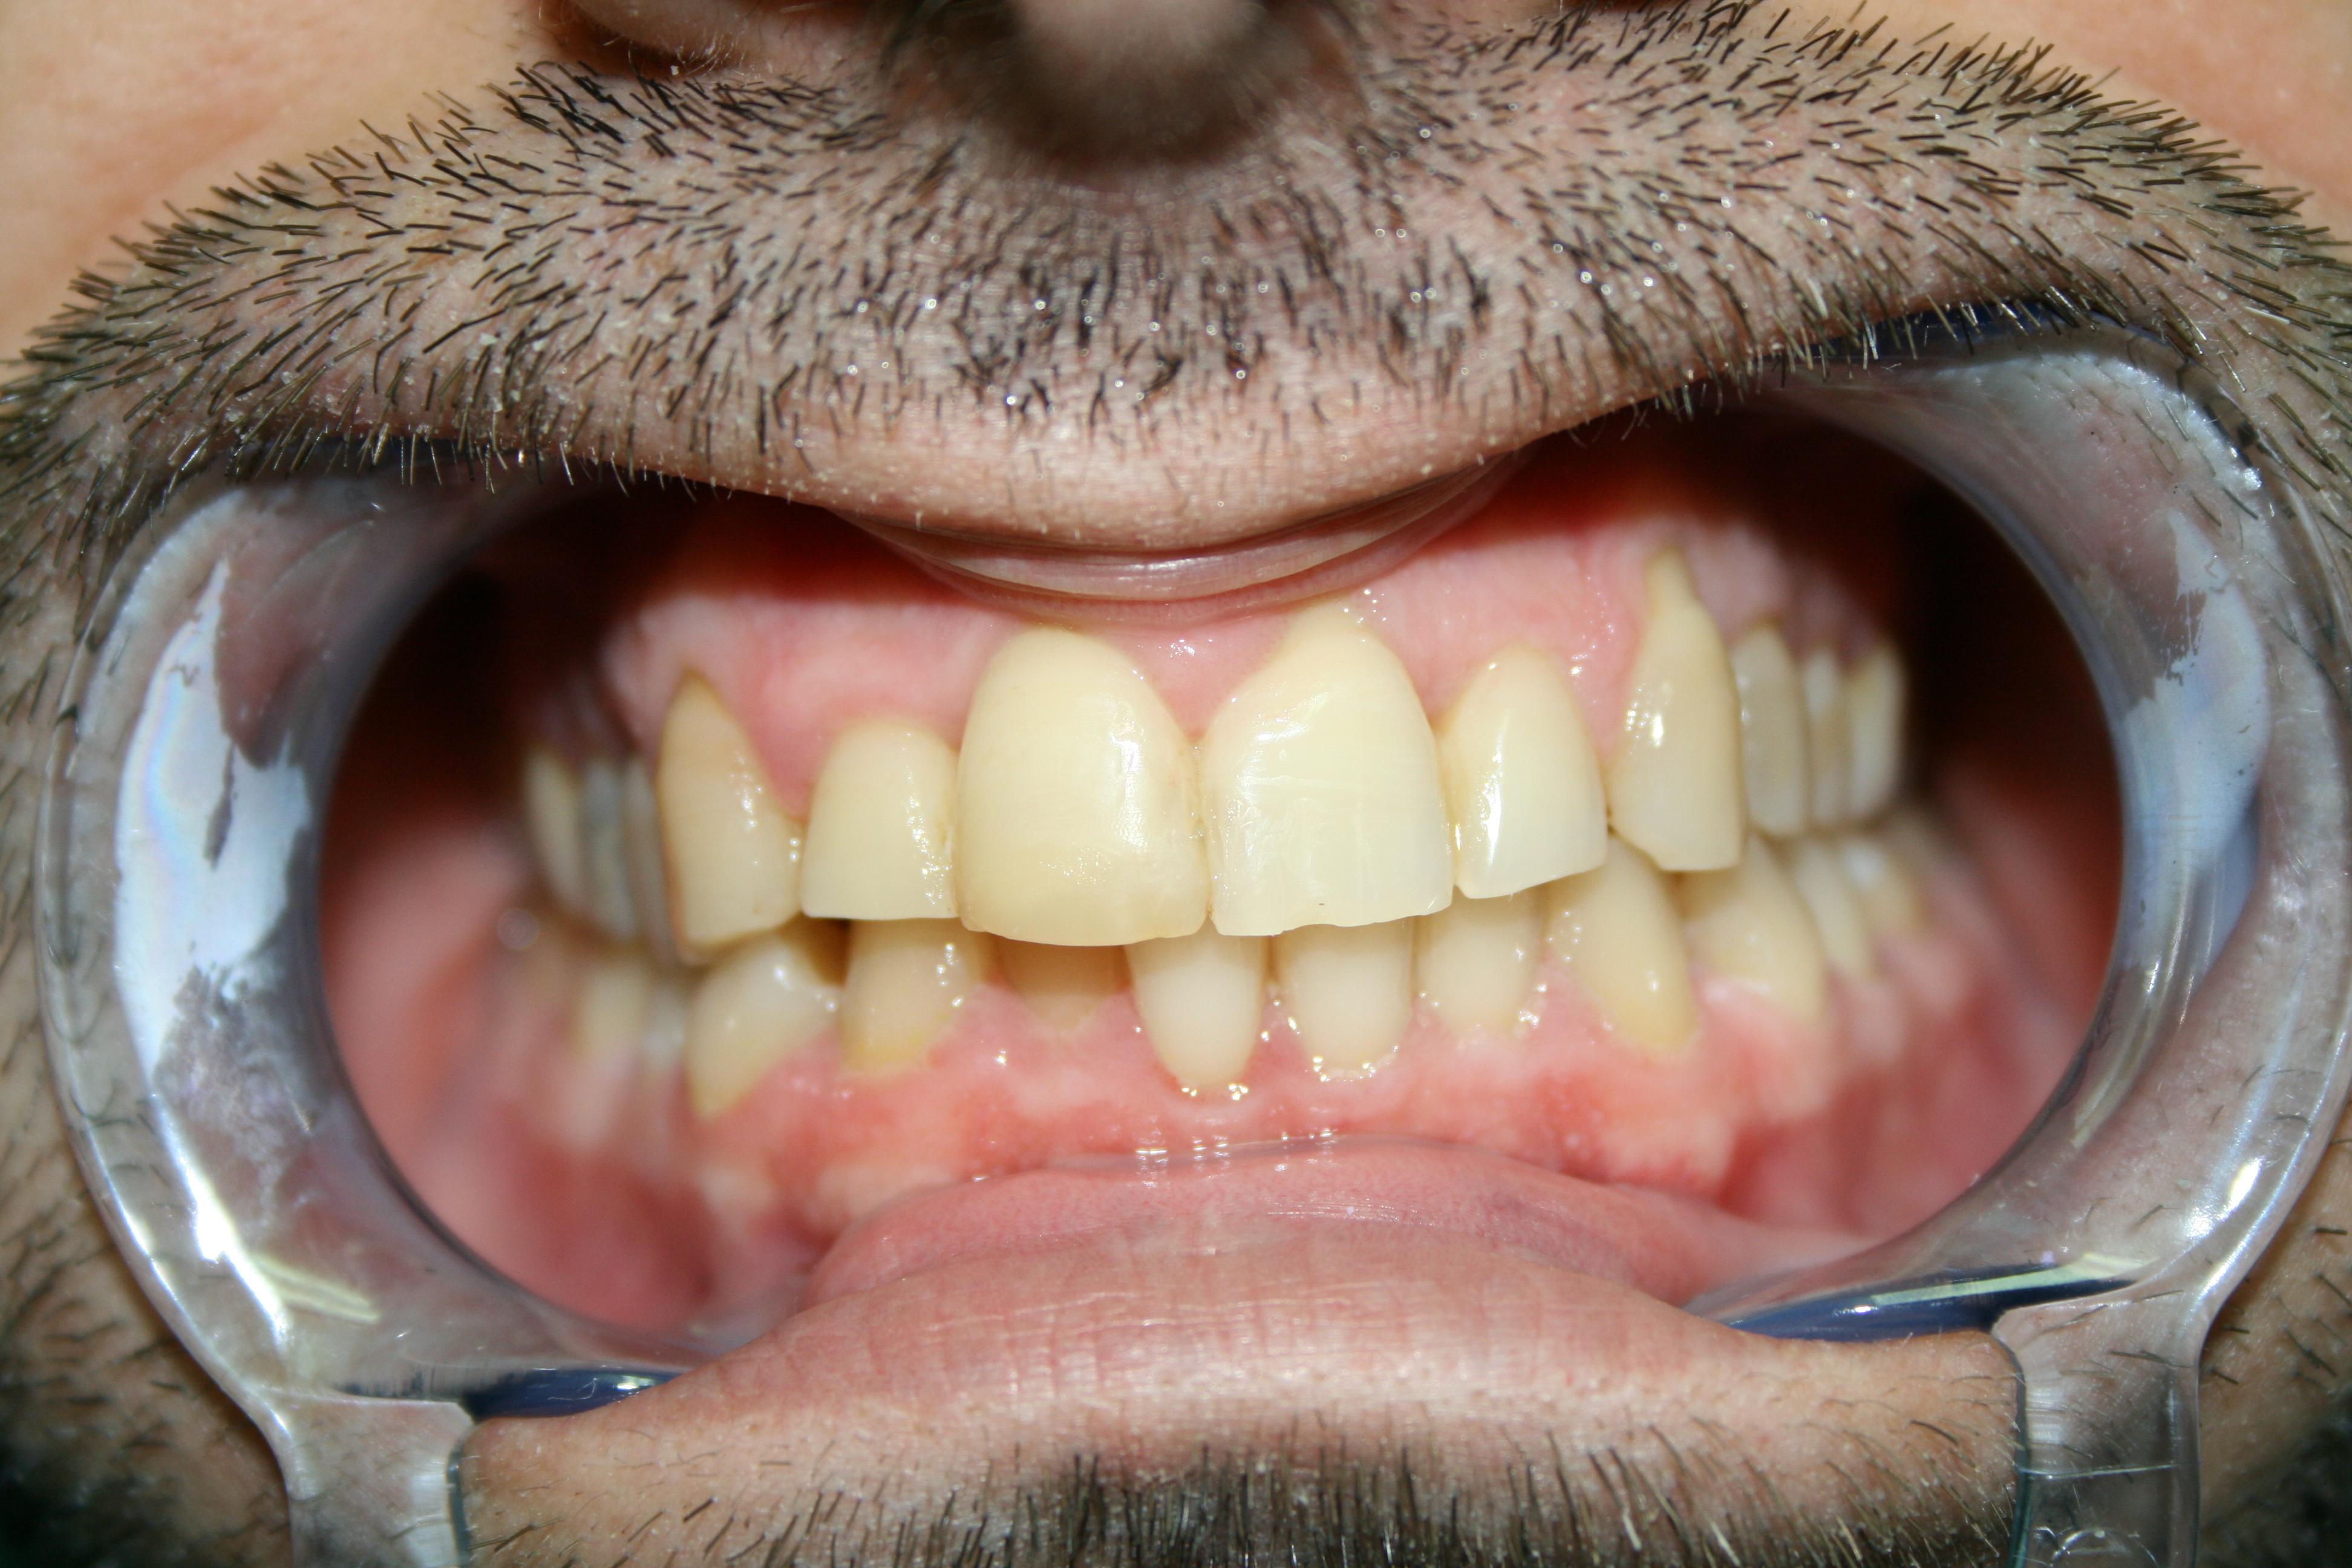 Fccetta dente 1.1